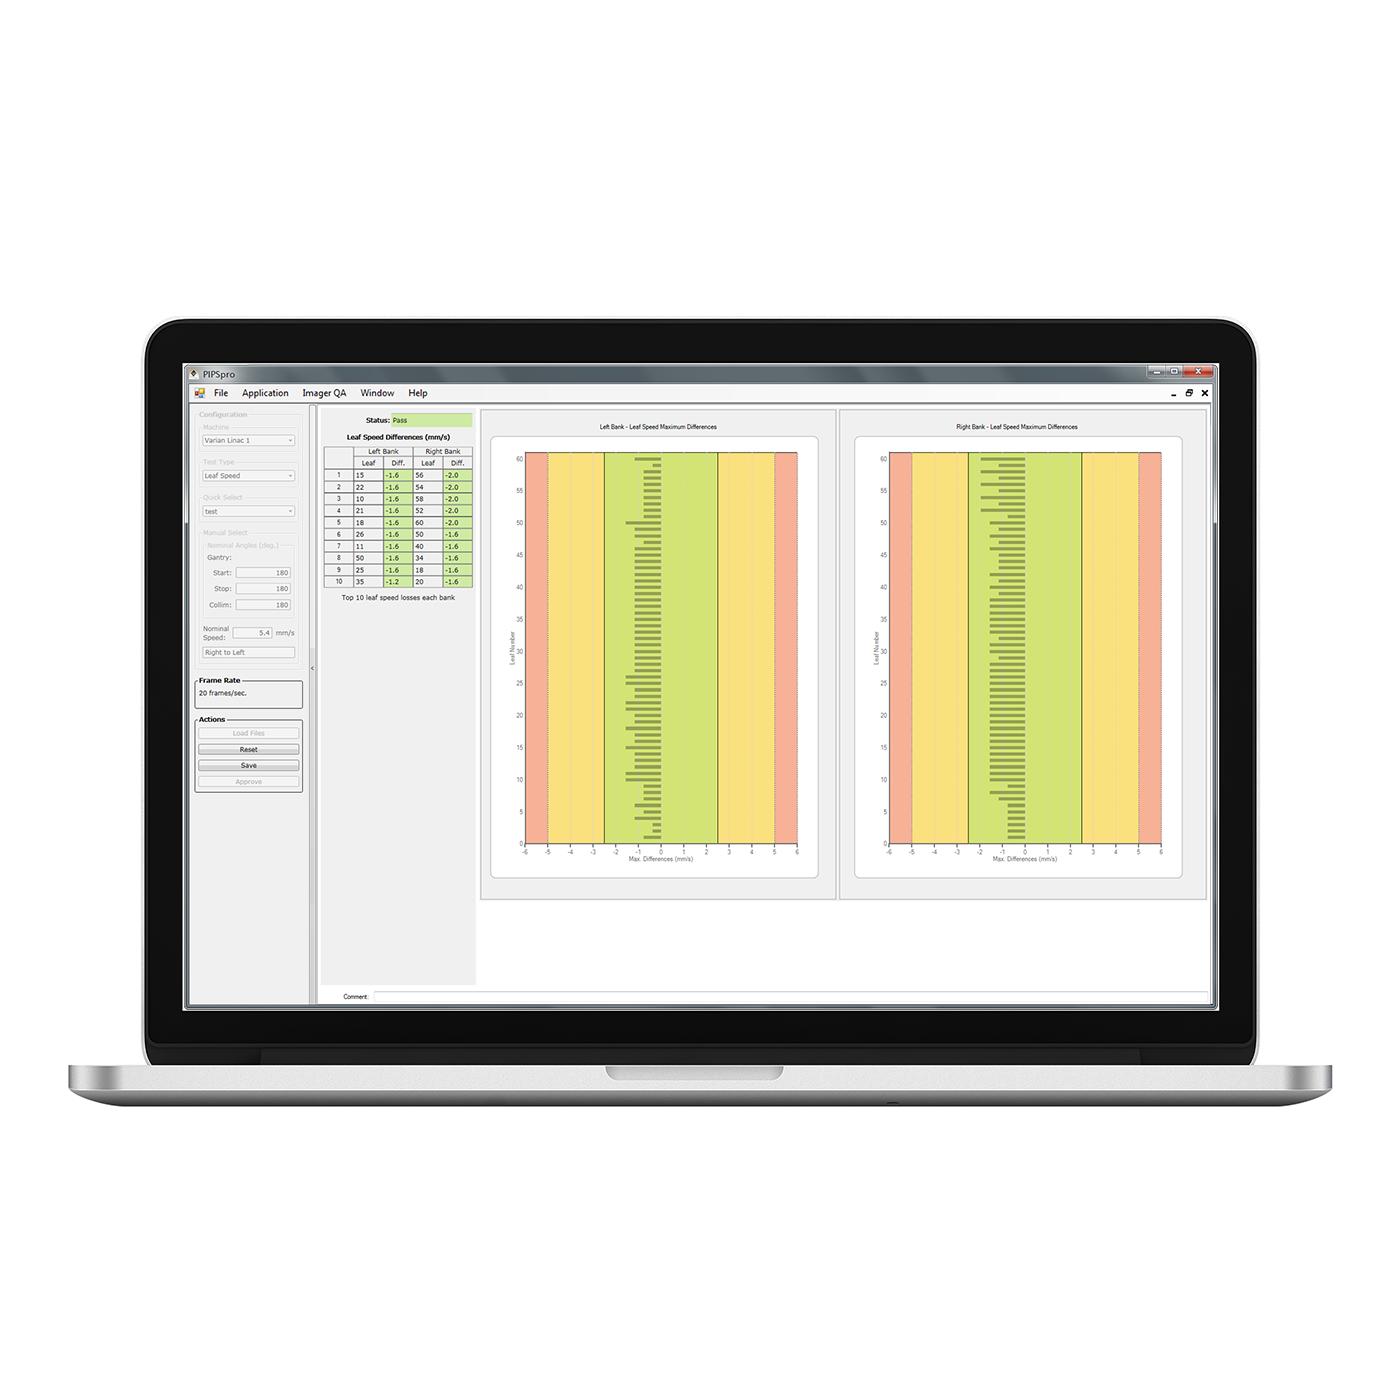 Pipspro laptop 1400